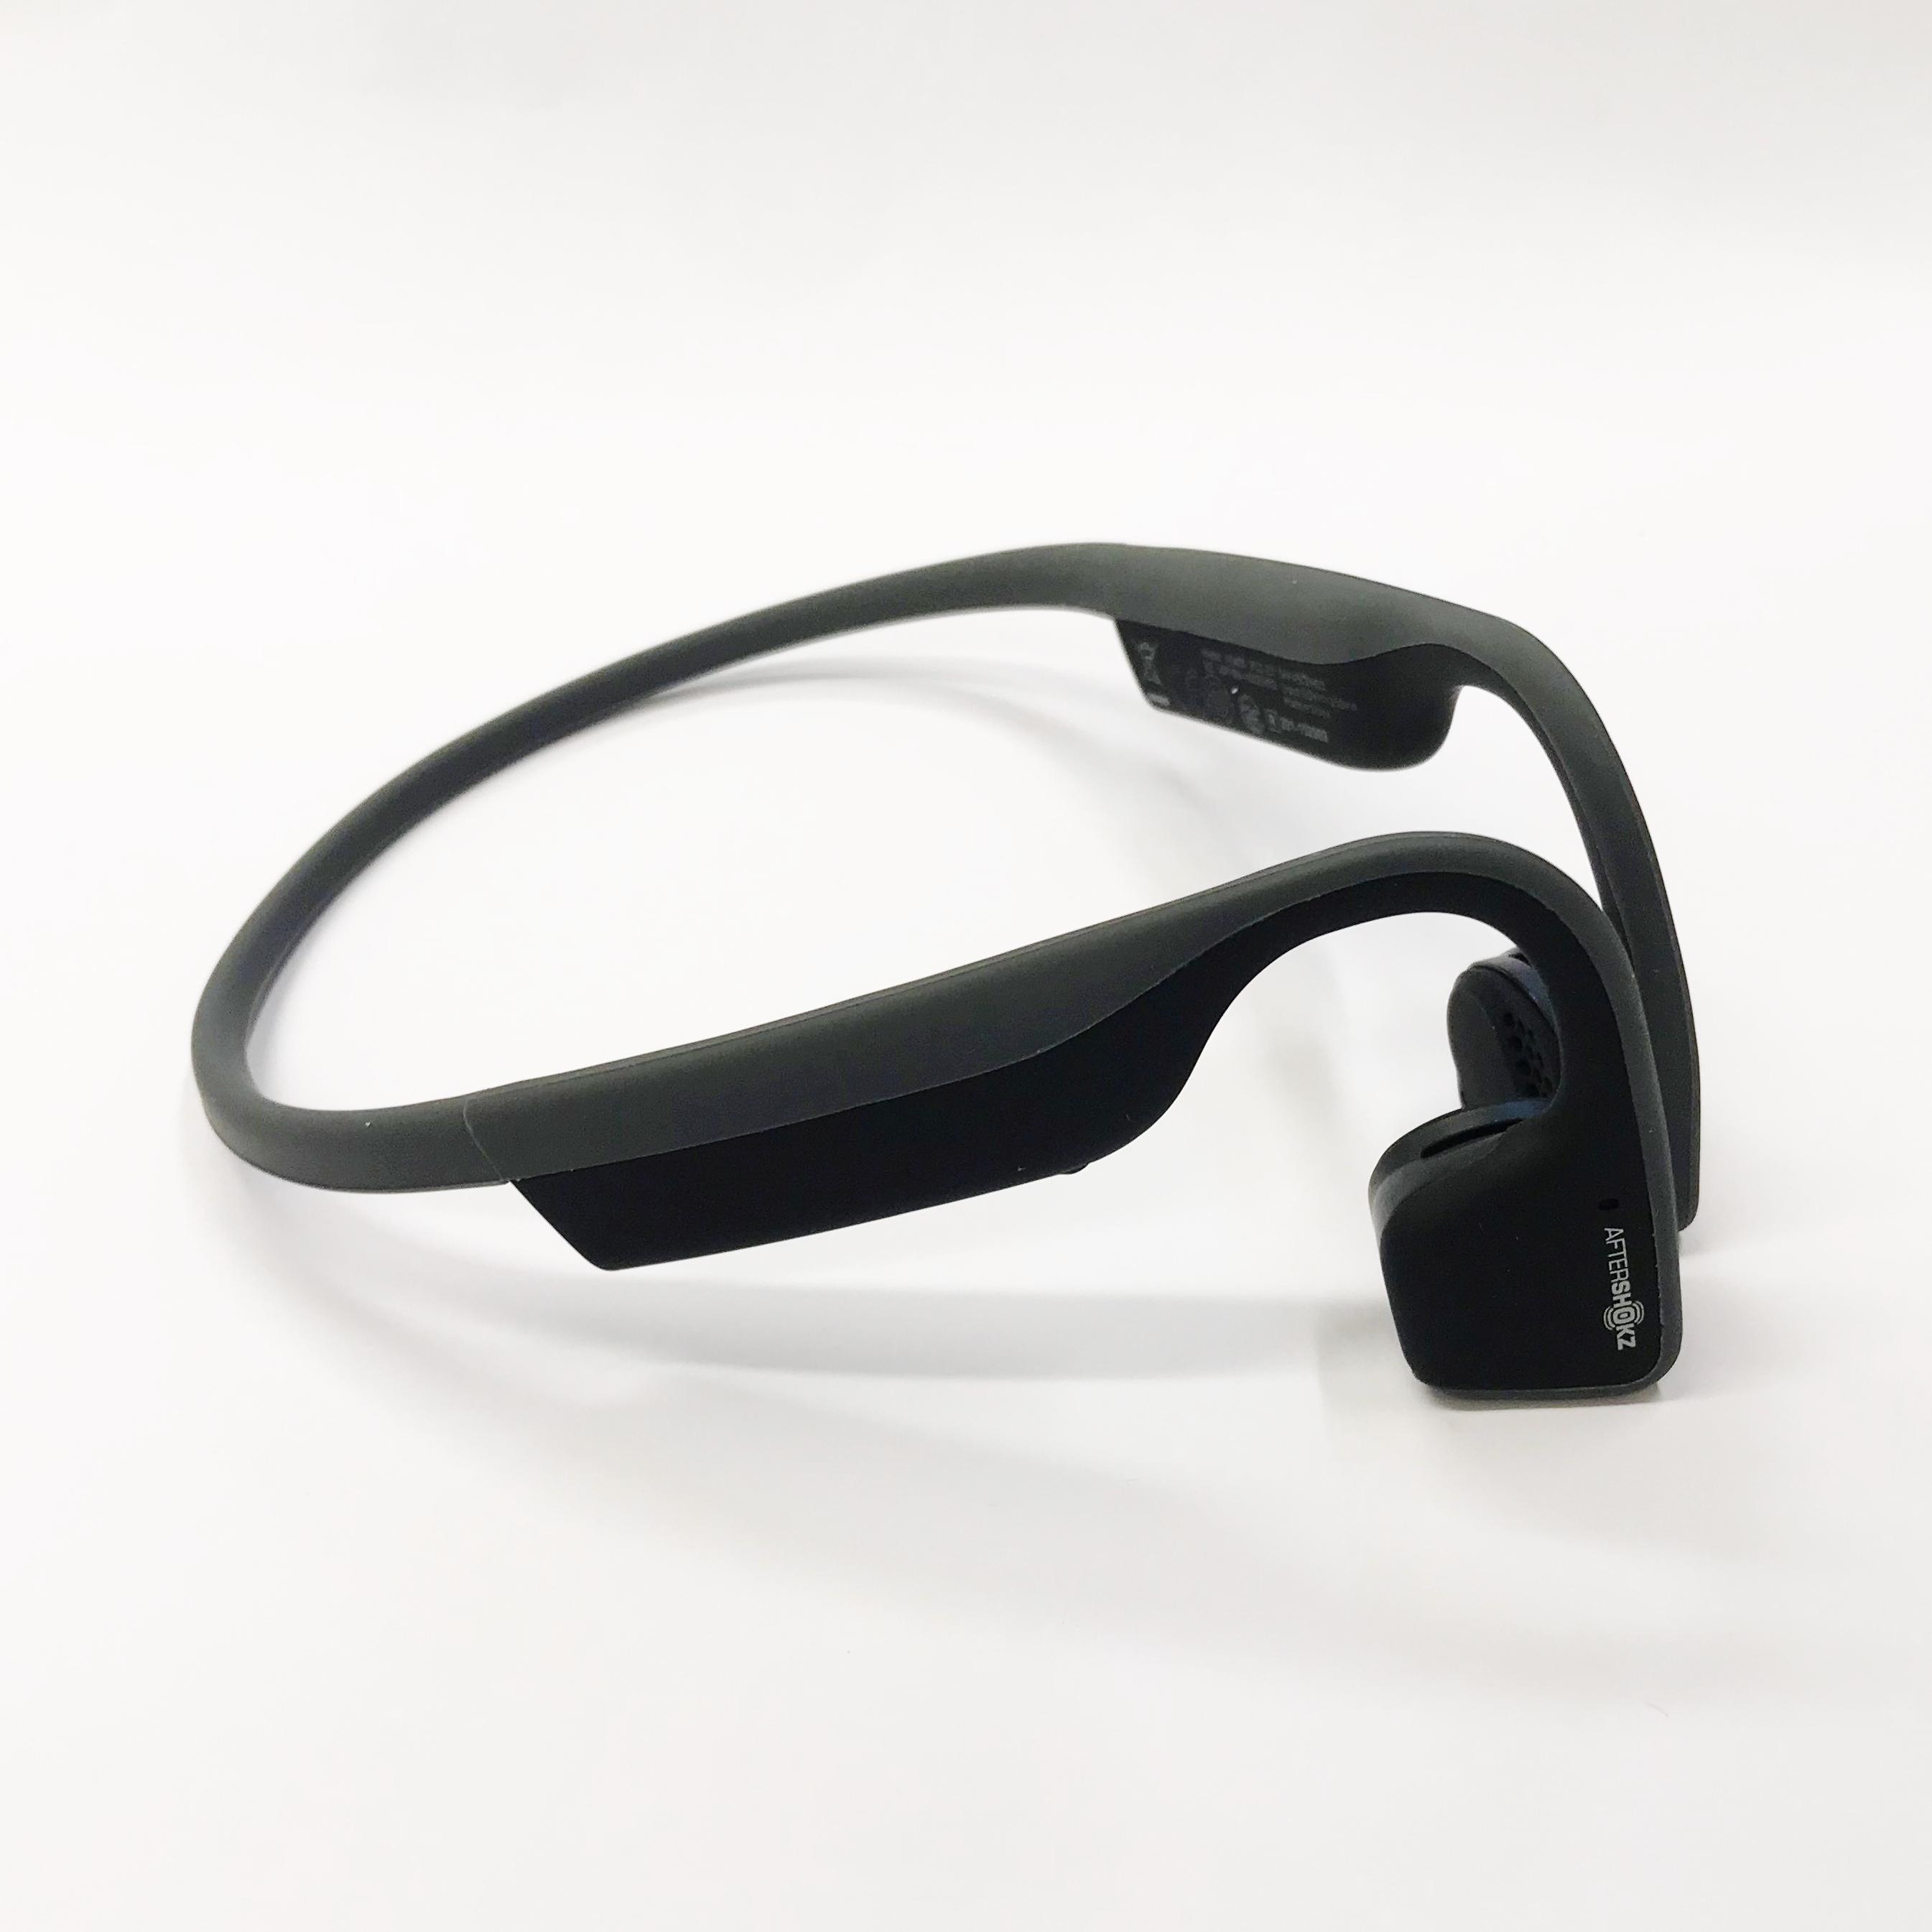 Trekz Titanium Bluetooth Bone Conduction Headphones